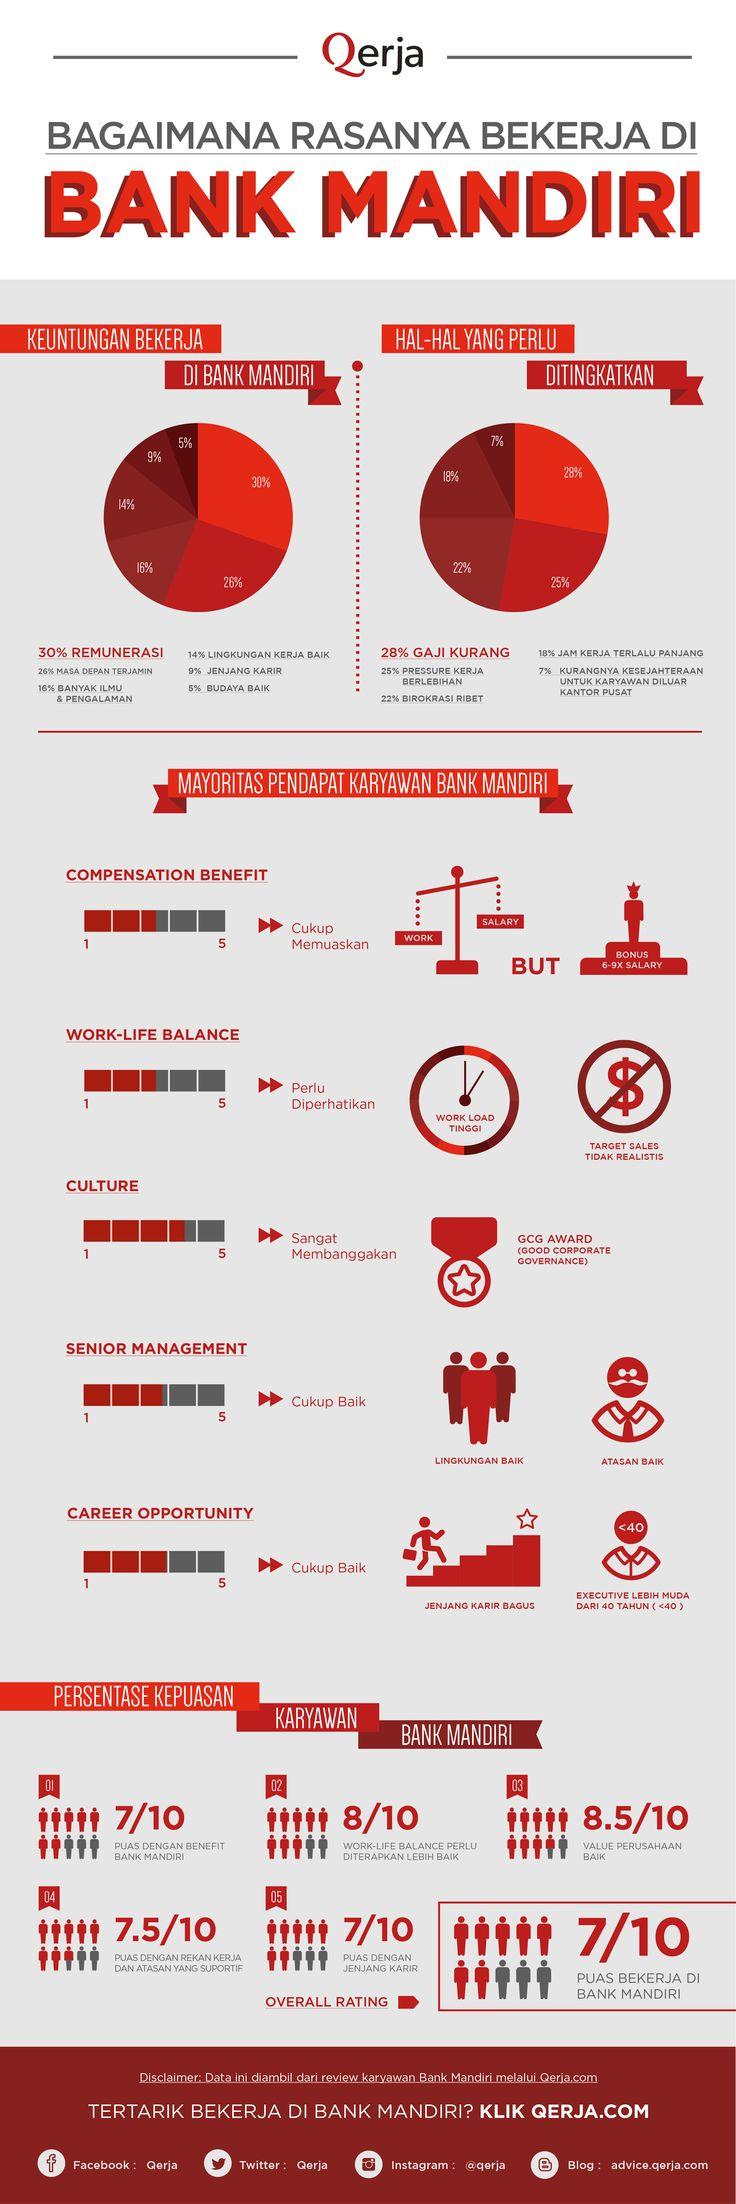 Bagaimana rasanya bekerja di #bank #mandiri  #infographic #infografik #bankmandiri #benefits #fasilitas #kemudahan #remunerasi #gaji #work #life #balance #career #opportunities #karir